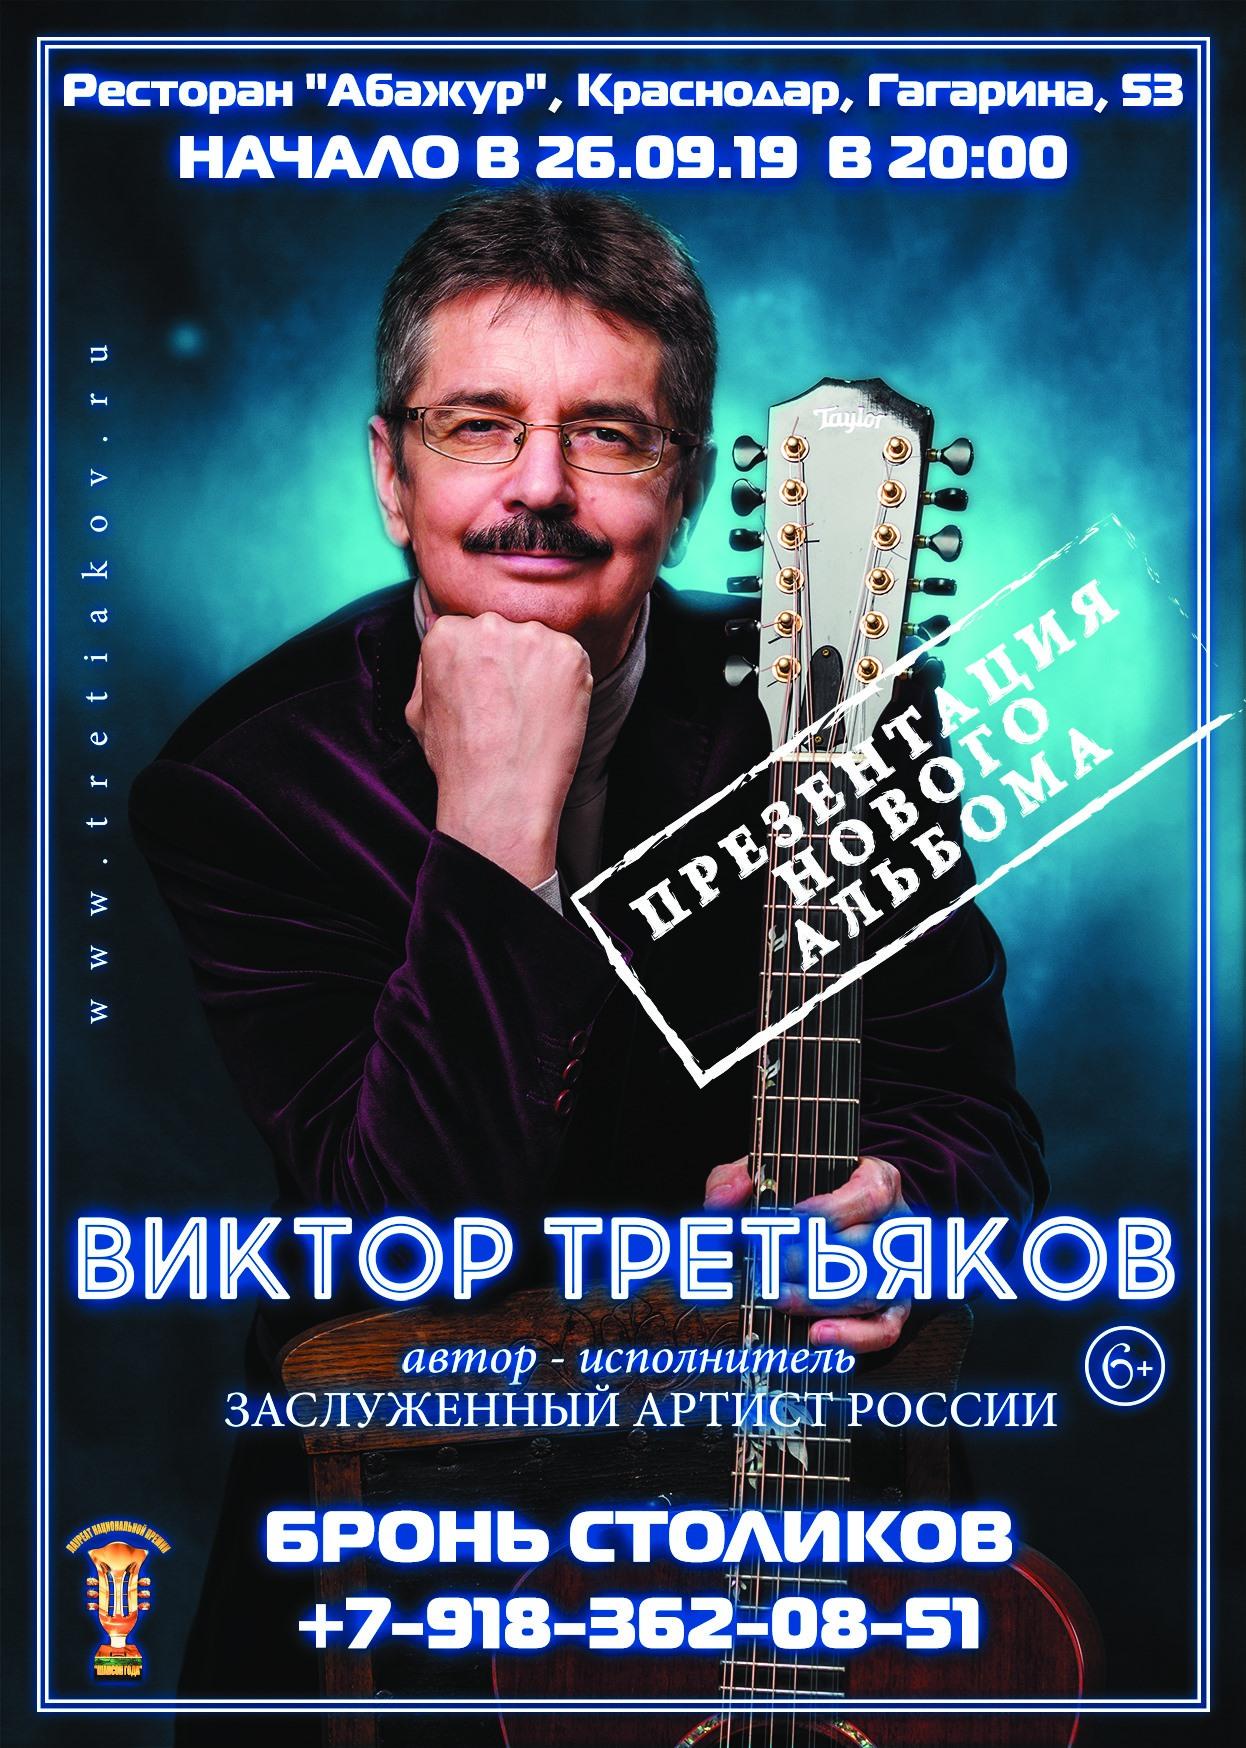 Фото предоставлено организаторами концерта Виктора Третьякова